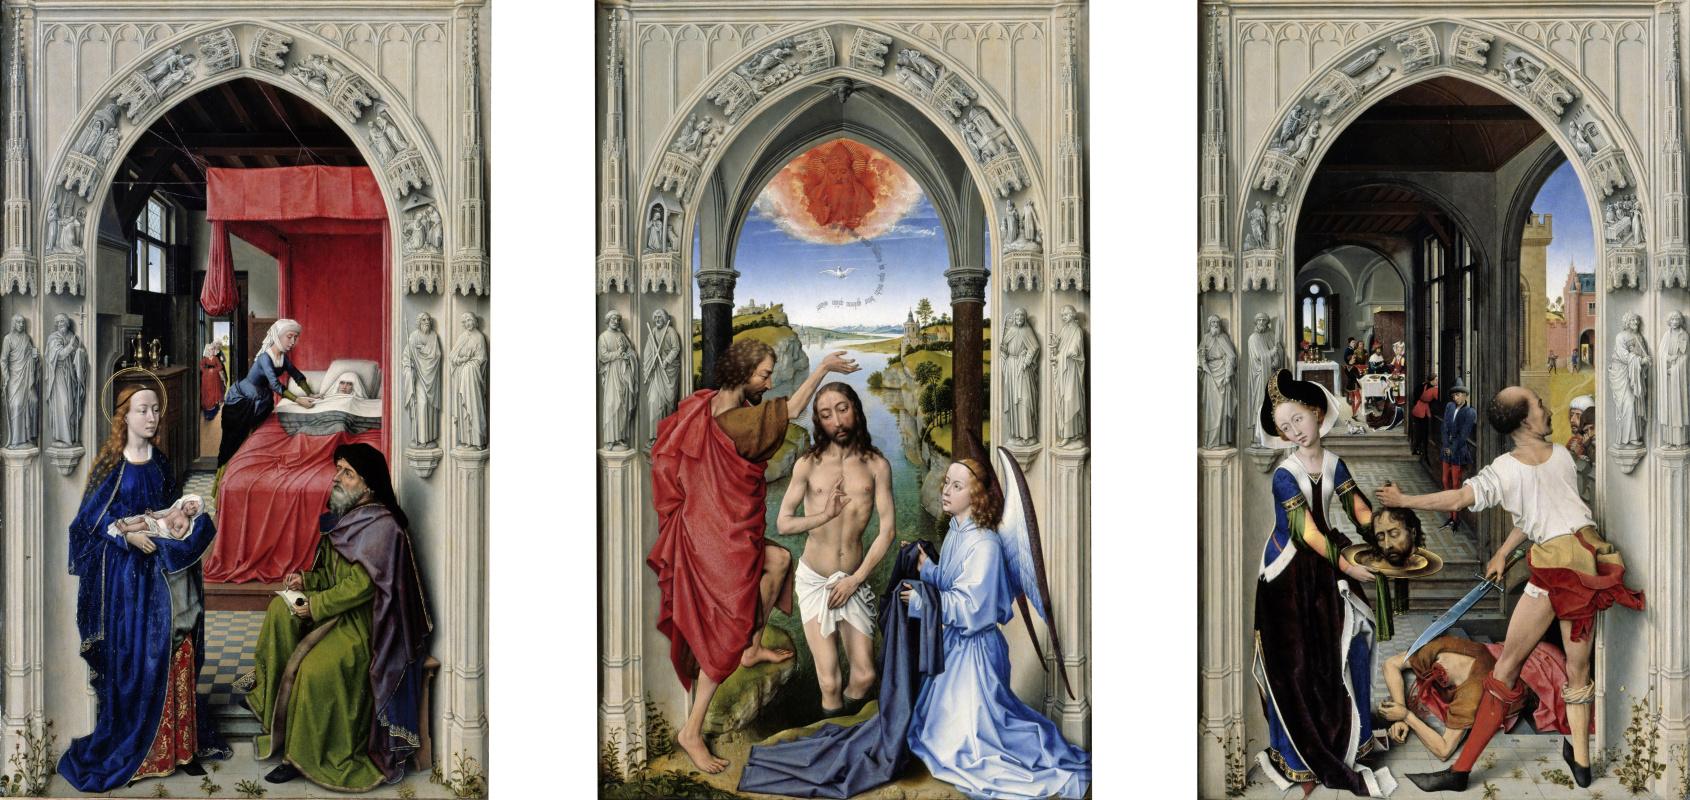 Rogier van der Weyden. The altar of St. John